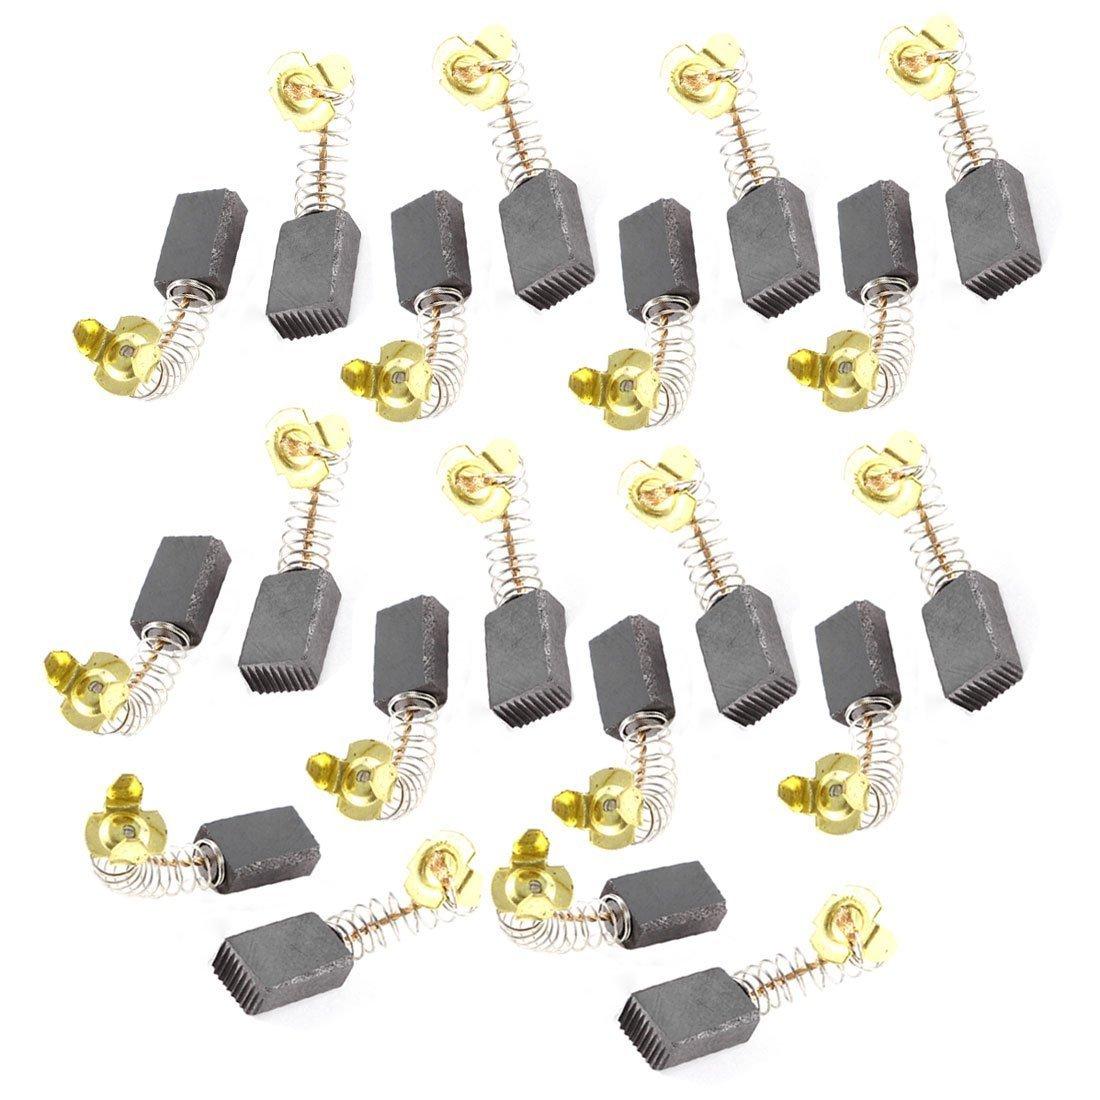 10 Paires 15.7 mm x 9.9 mm x 5, 9 mm Moteur Balais de charbon pour outil é lectrique 9mm Moteur Balais de charbon pour outil électrique Sourcingmap a13071700ux0823